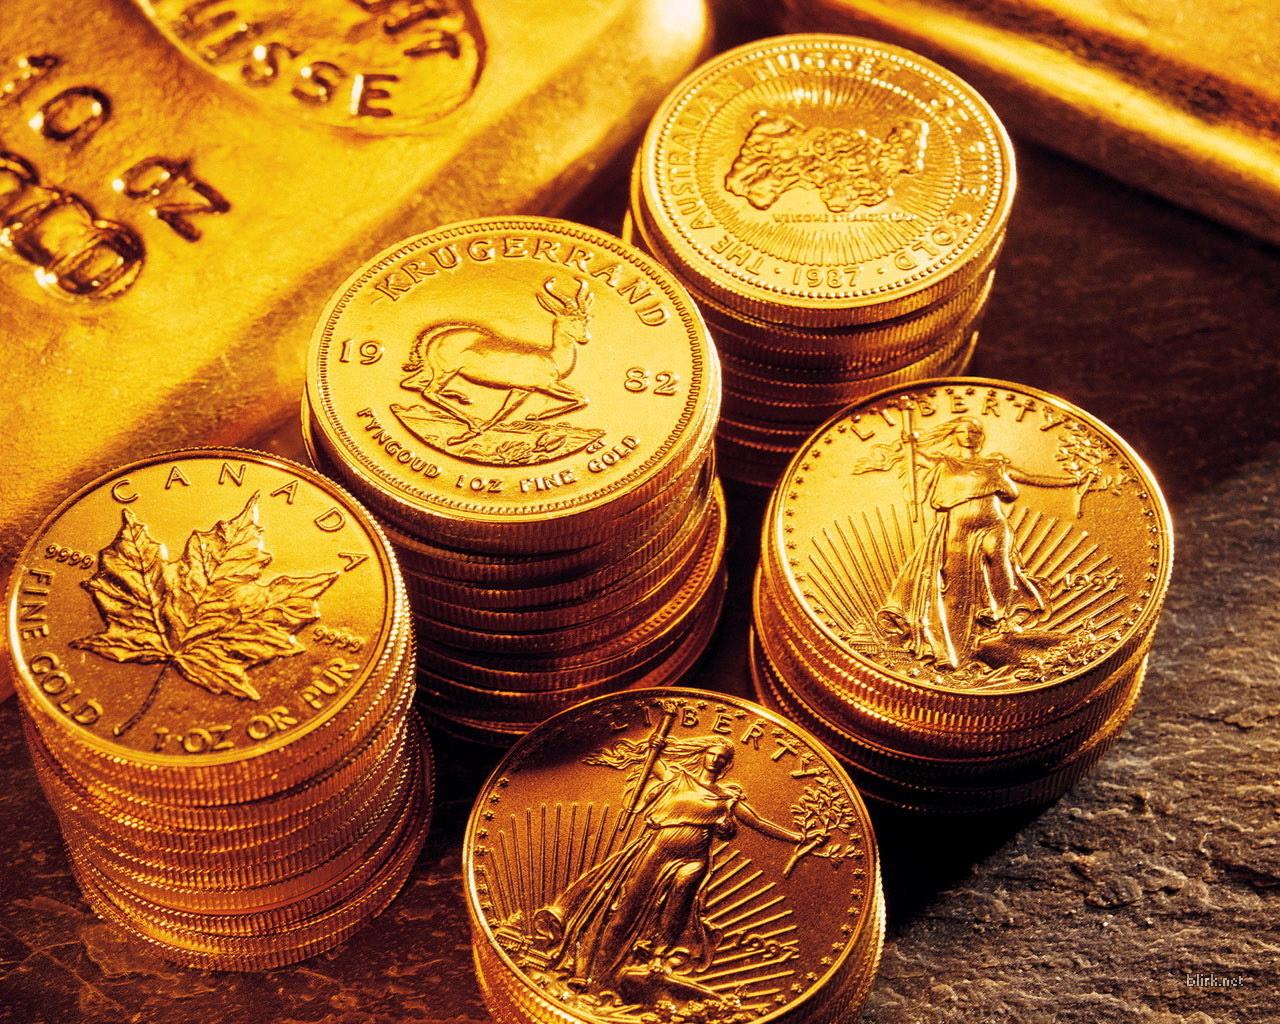 giá vàng hôm nay ngày 20/3/2015 tăng mạnh 2,7% sau thời kỳ lao dốc